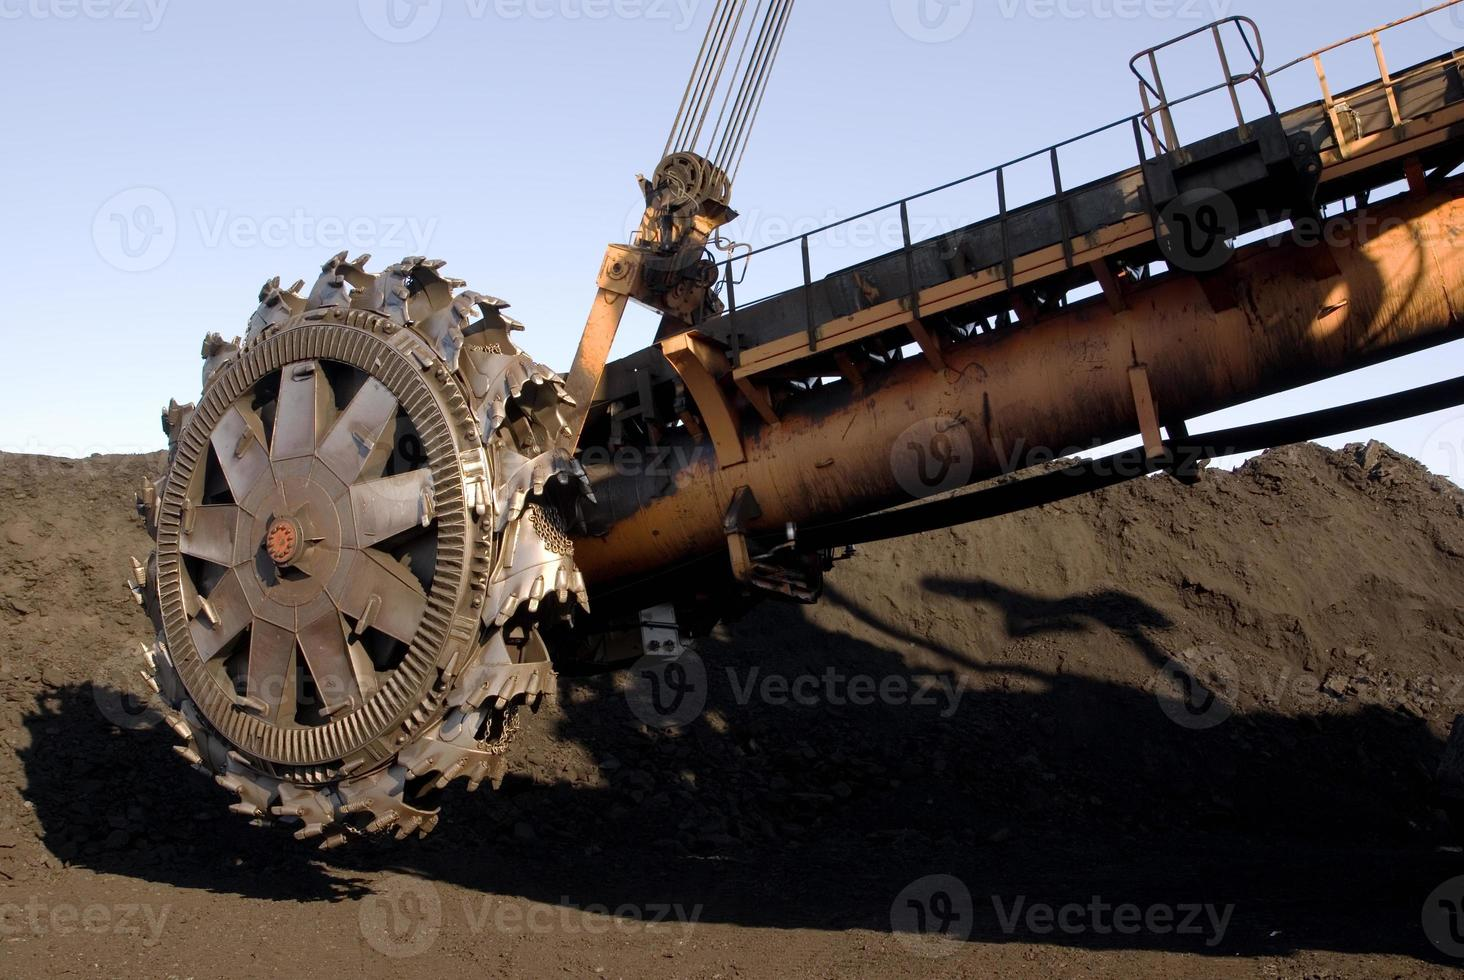 Parte giratoria del rotor excavador en una mina de carbón foto